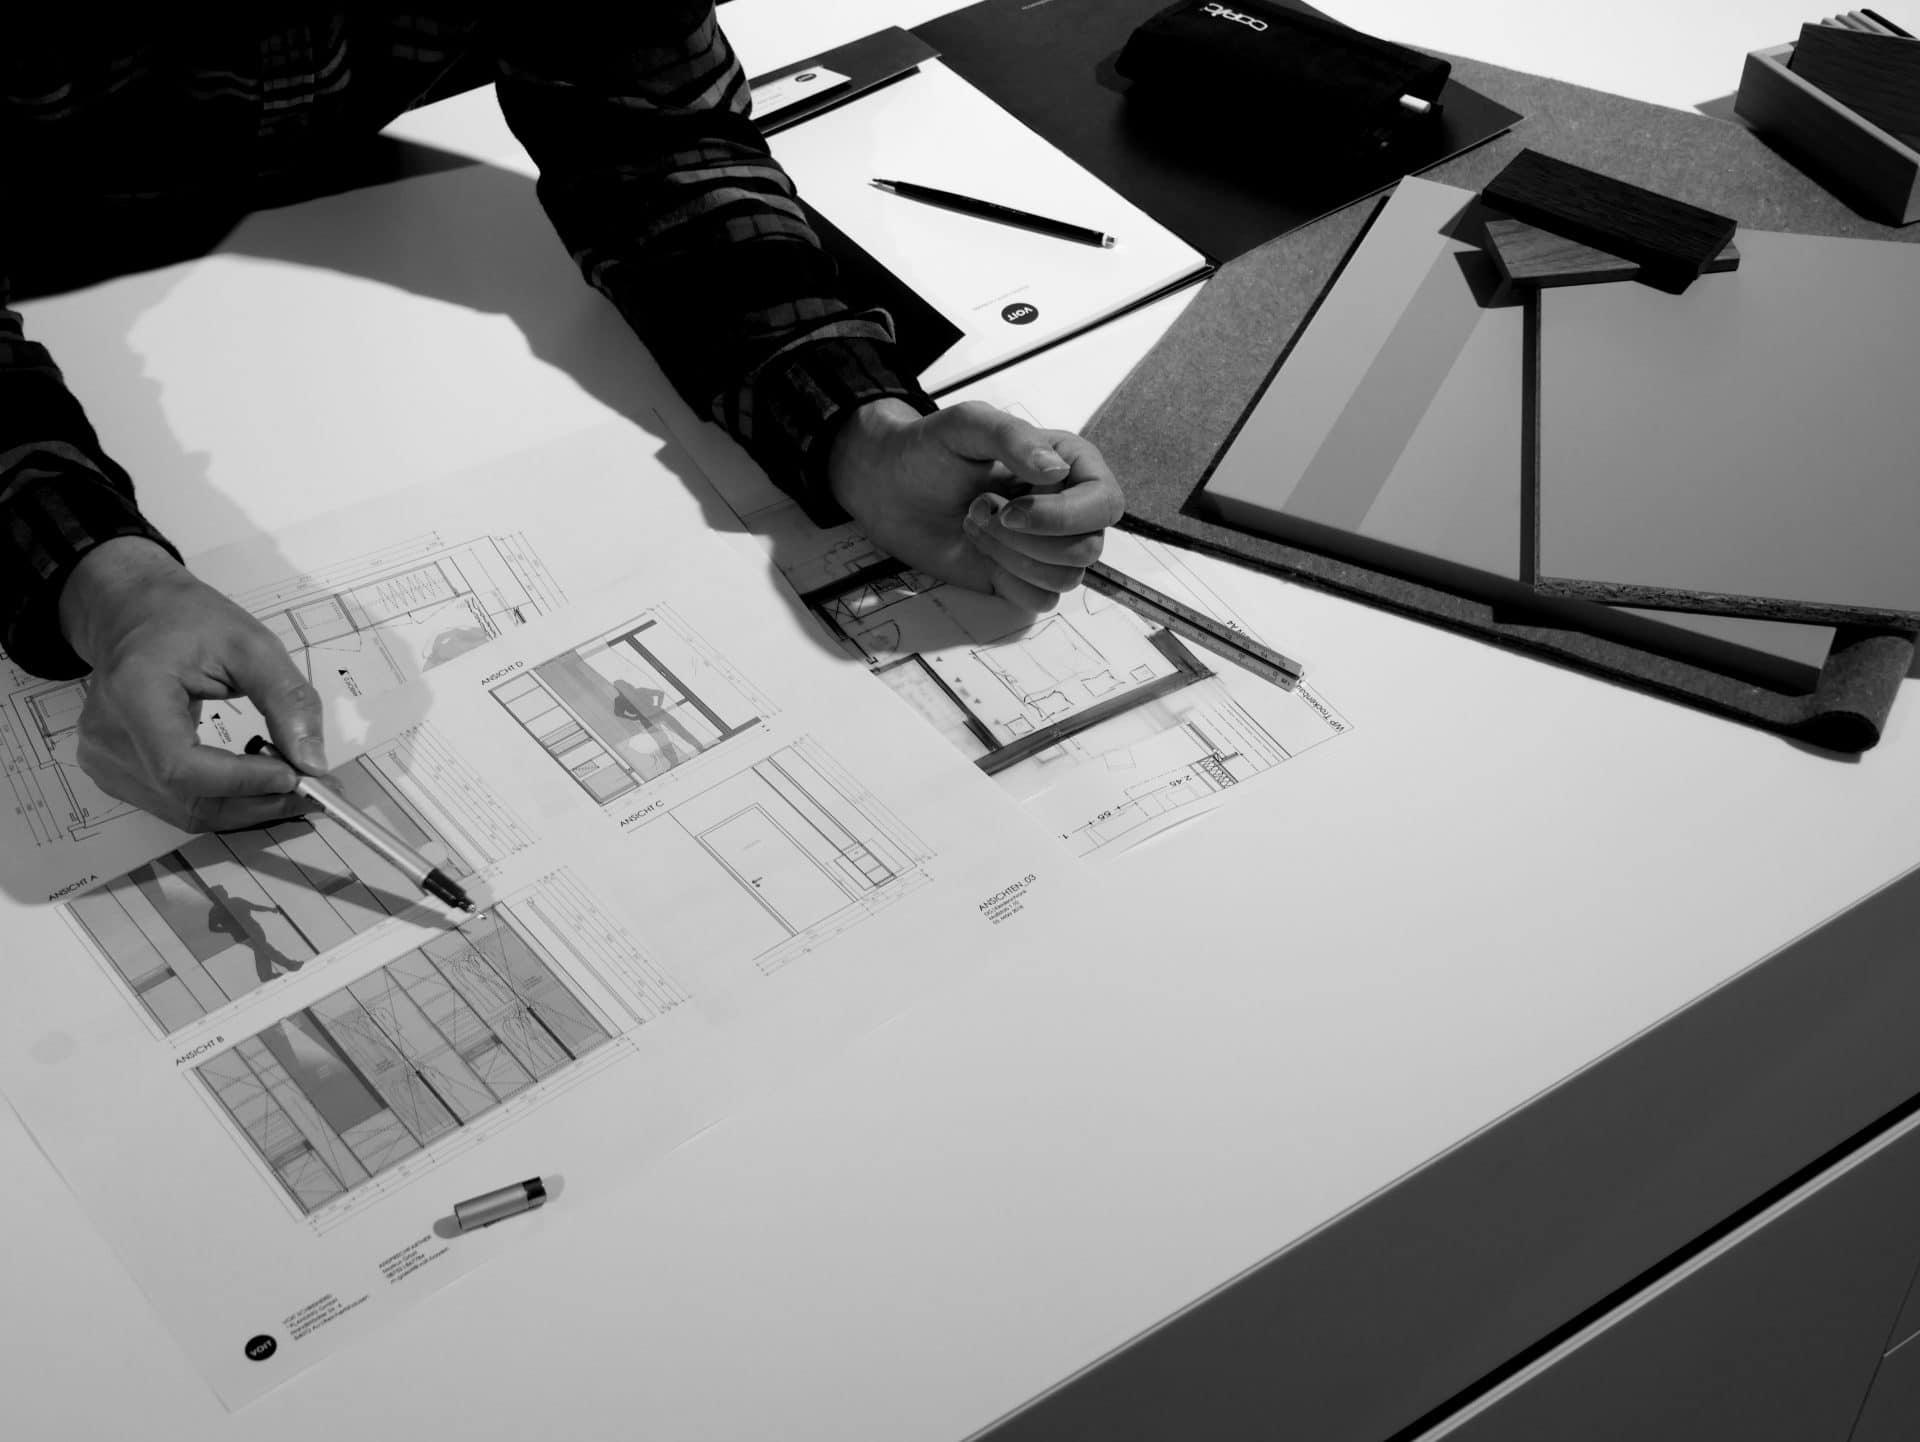 Innenarchitektur und Planung - Innenarchitekt entwirft eine neue Inneneinrichtung am Reißbrett mit Linea und Bleistift, daneben liegen verschiedene Material Muster